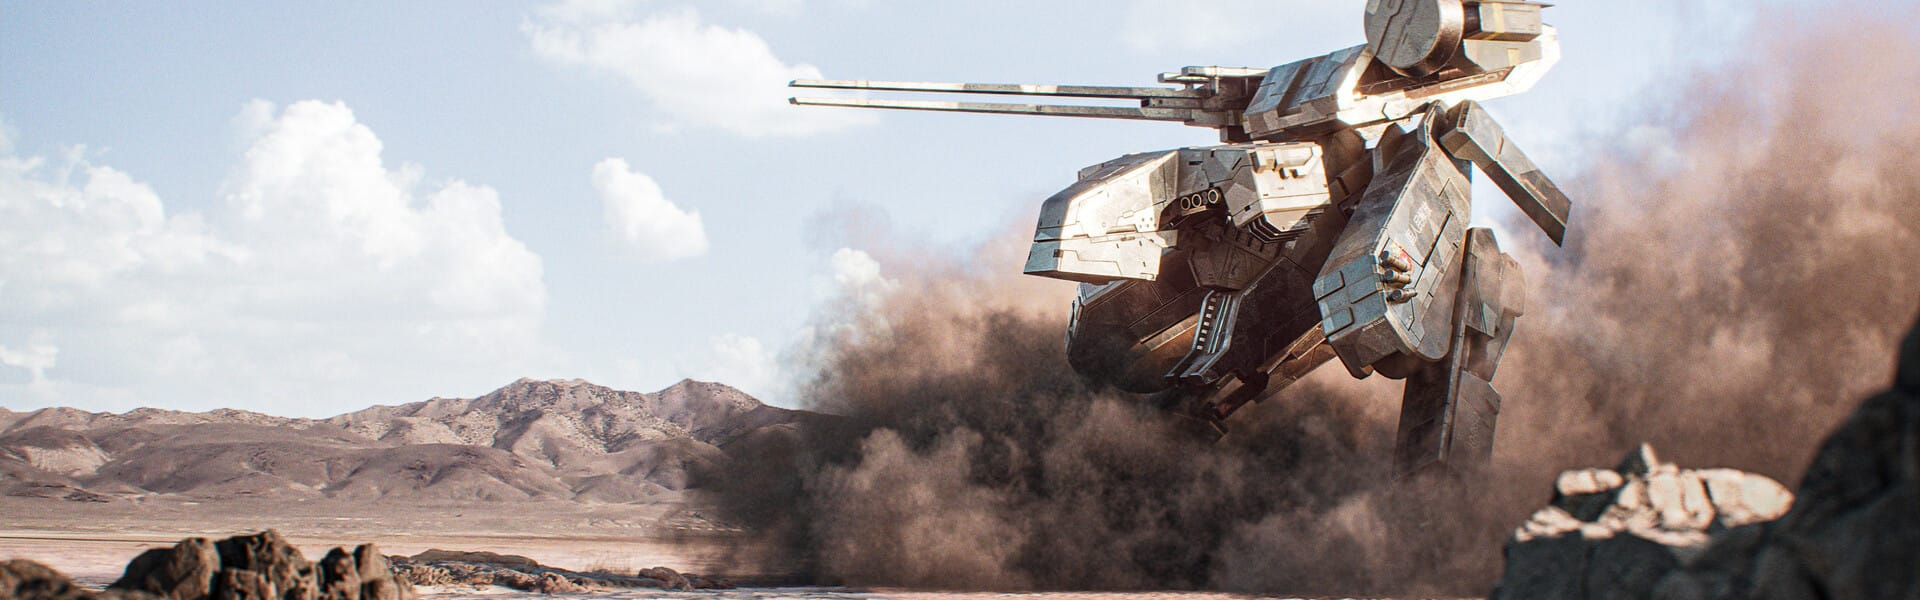 A big mech churns up dust in the desert